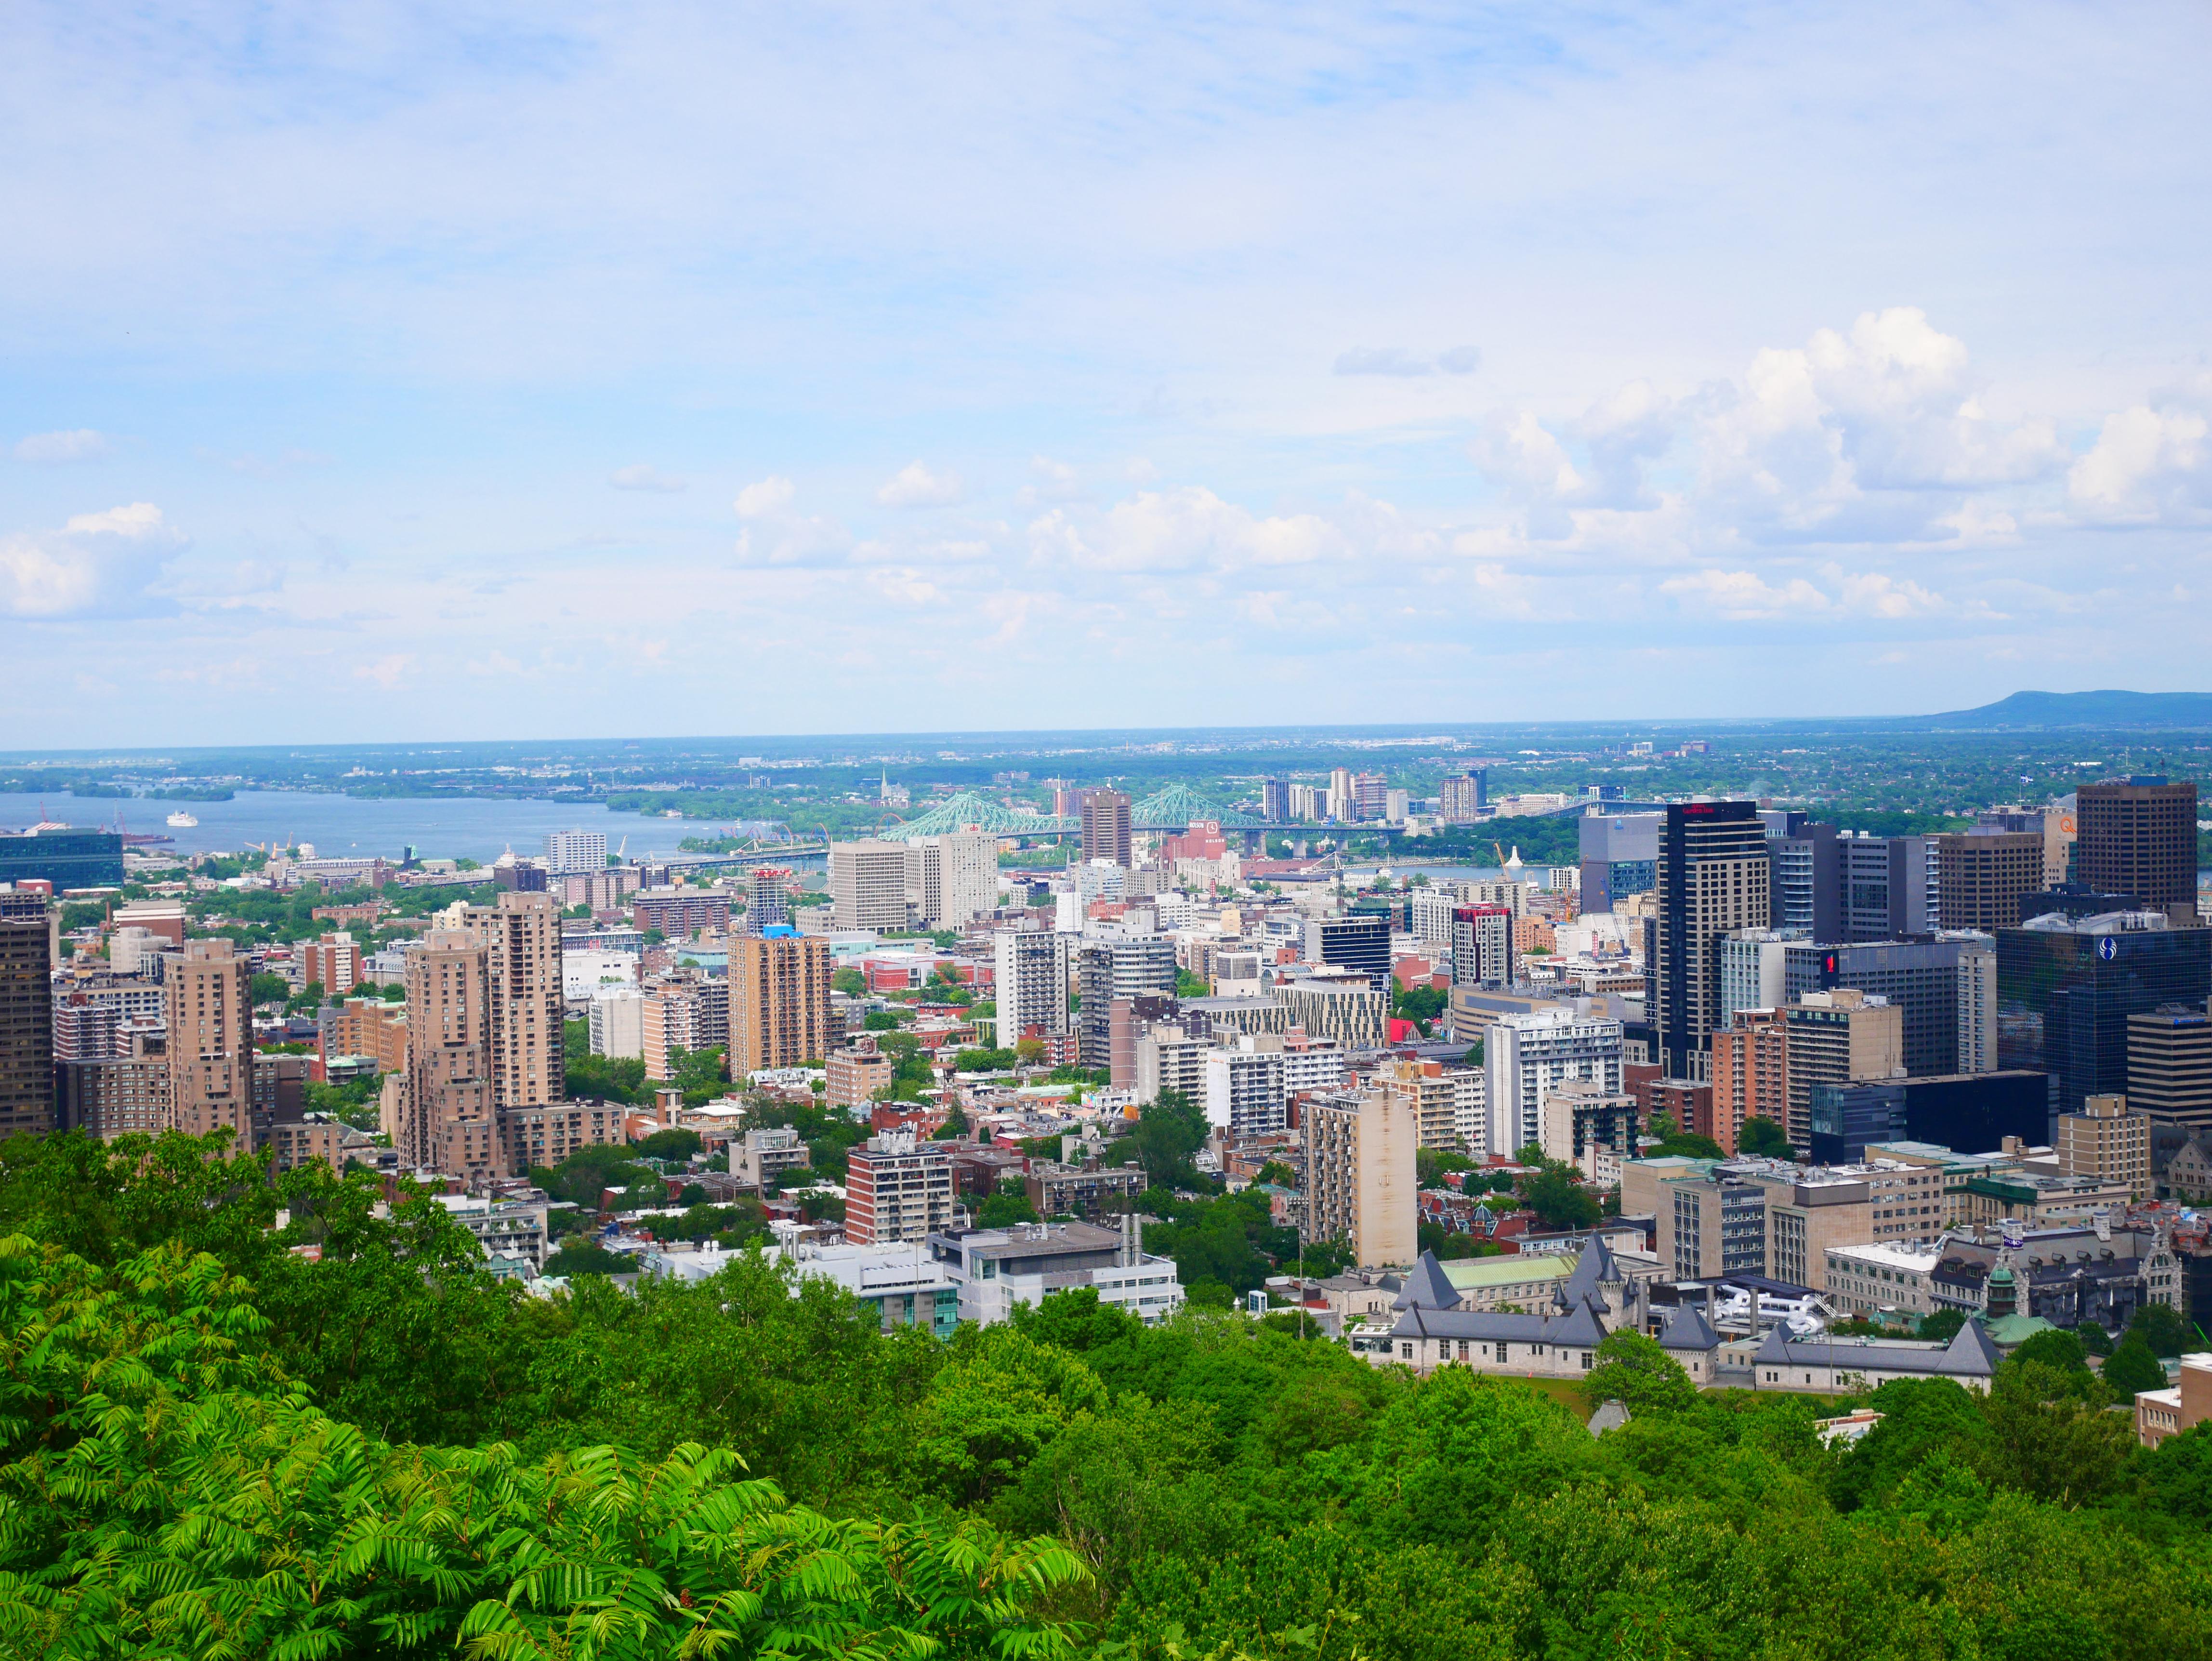 Belvédère Kondiaronk du Parc Montroyal à Montréal - Roadtrip au Québec, Canada - Blog Voyage Ma Folie Vagabonde